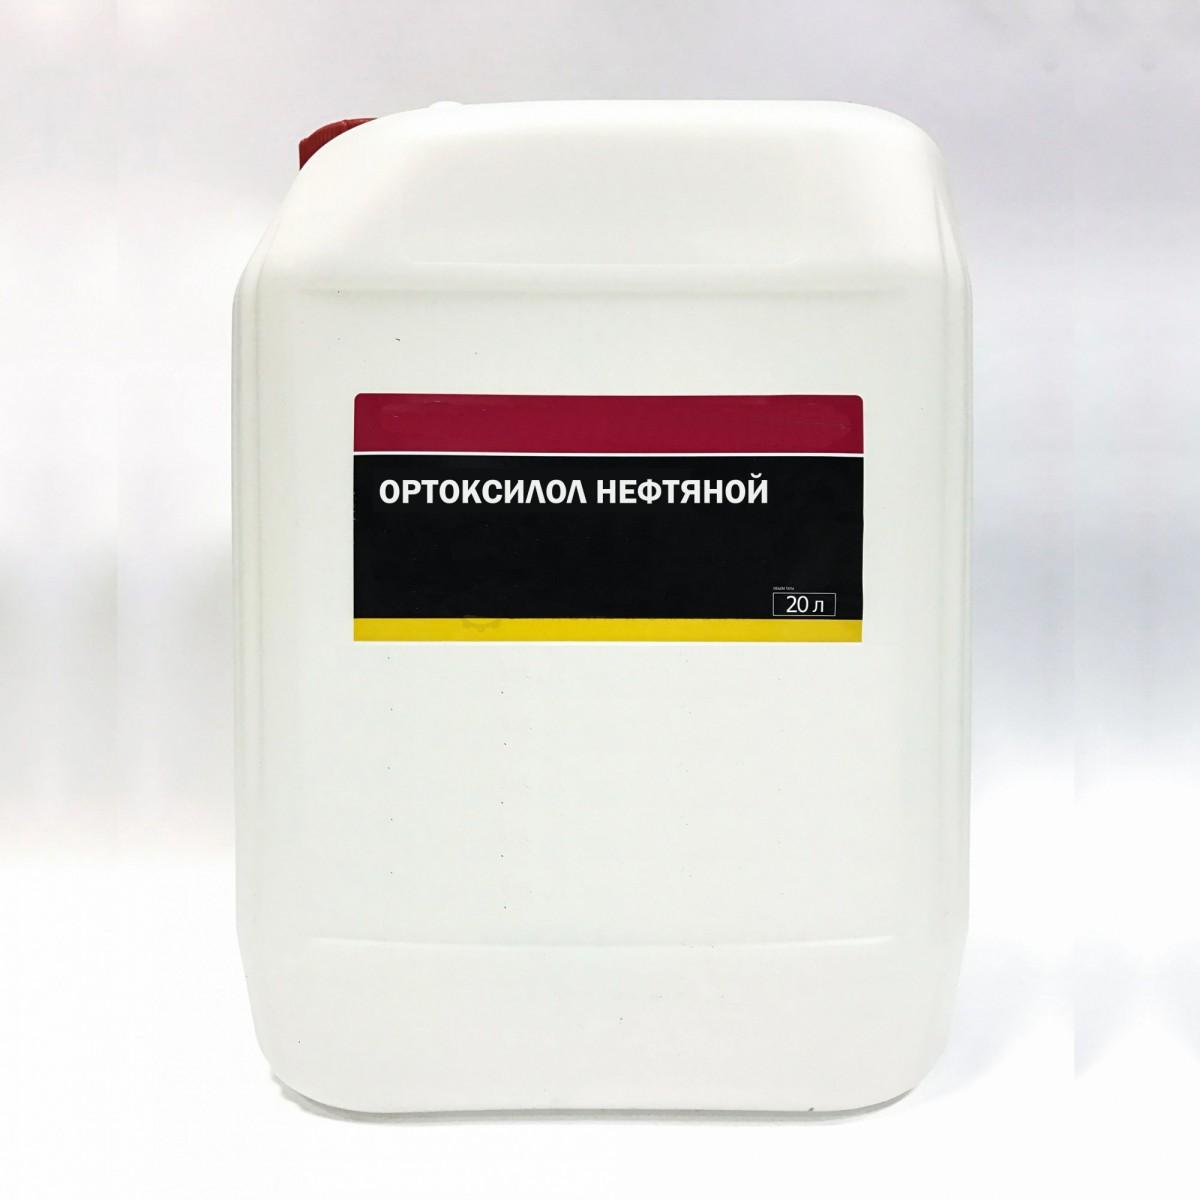 Ортоксилол нефтяной 20л